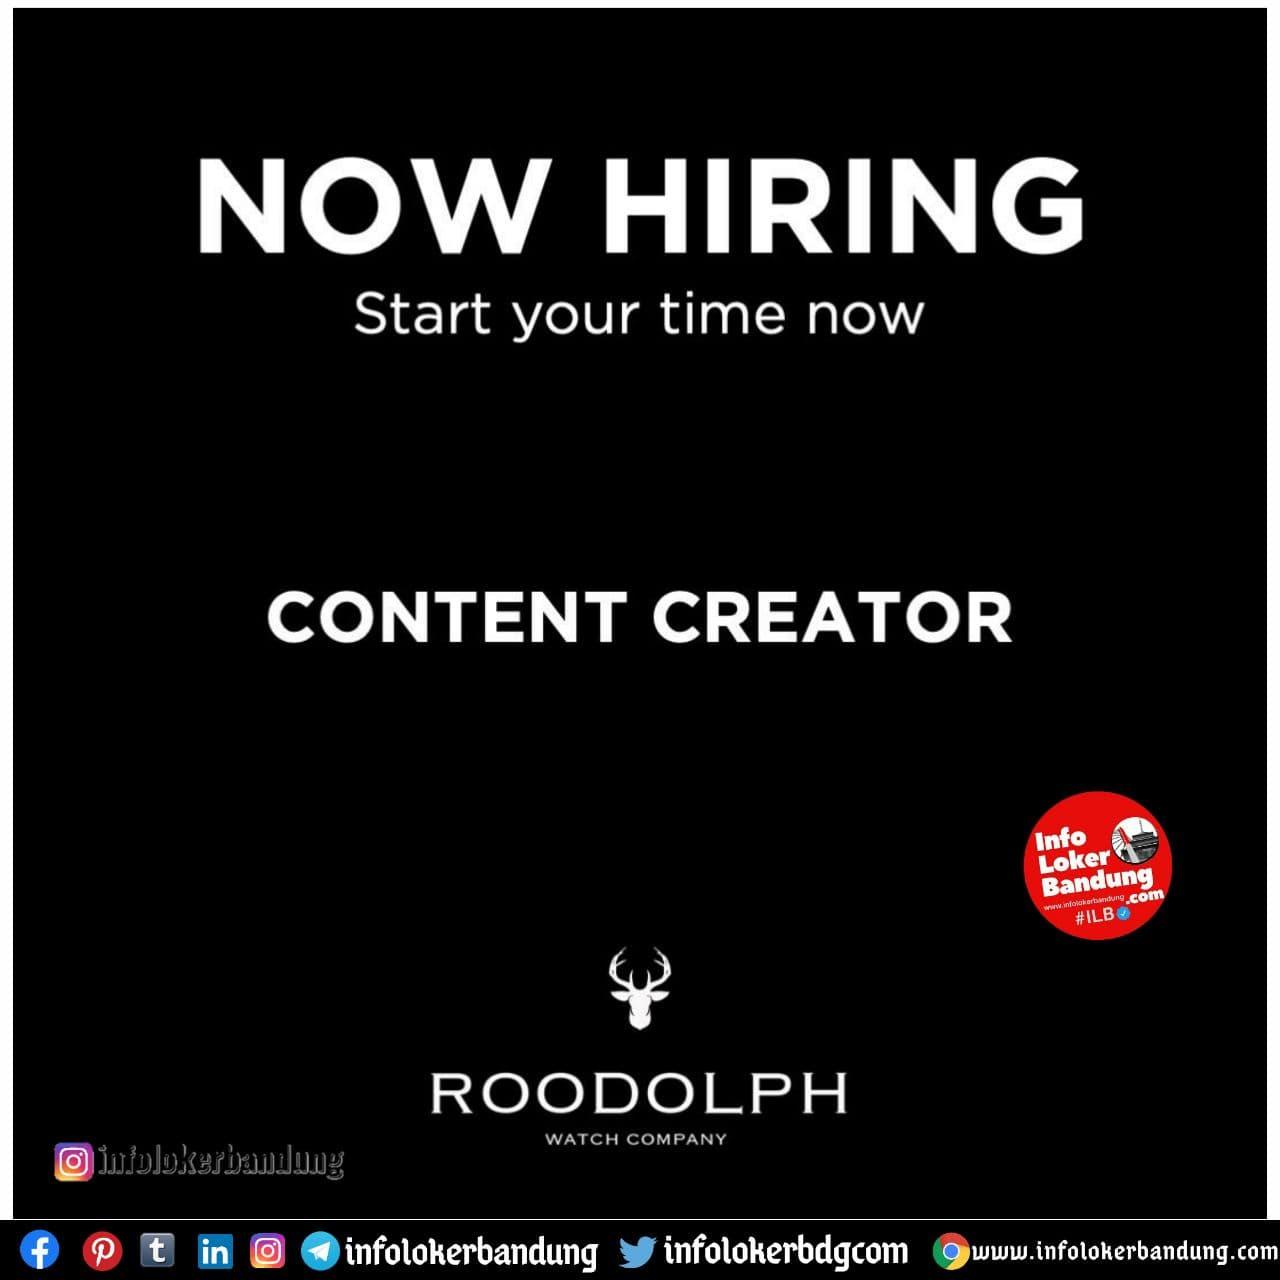 Lowongan Kerja Content Creator Roodolph Watch Company Bandung Januari 2021